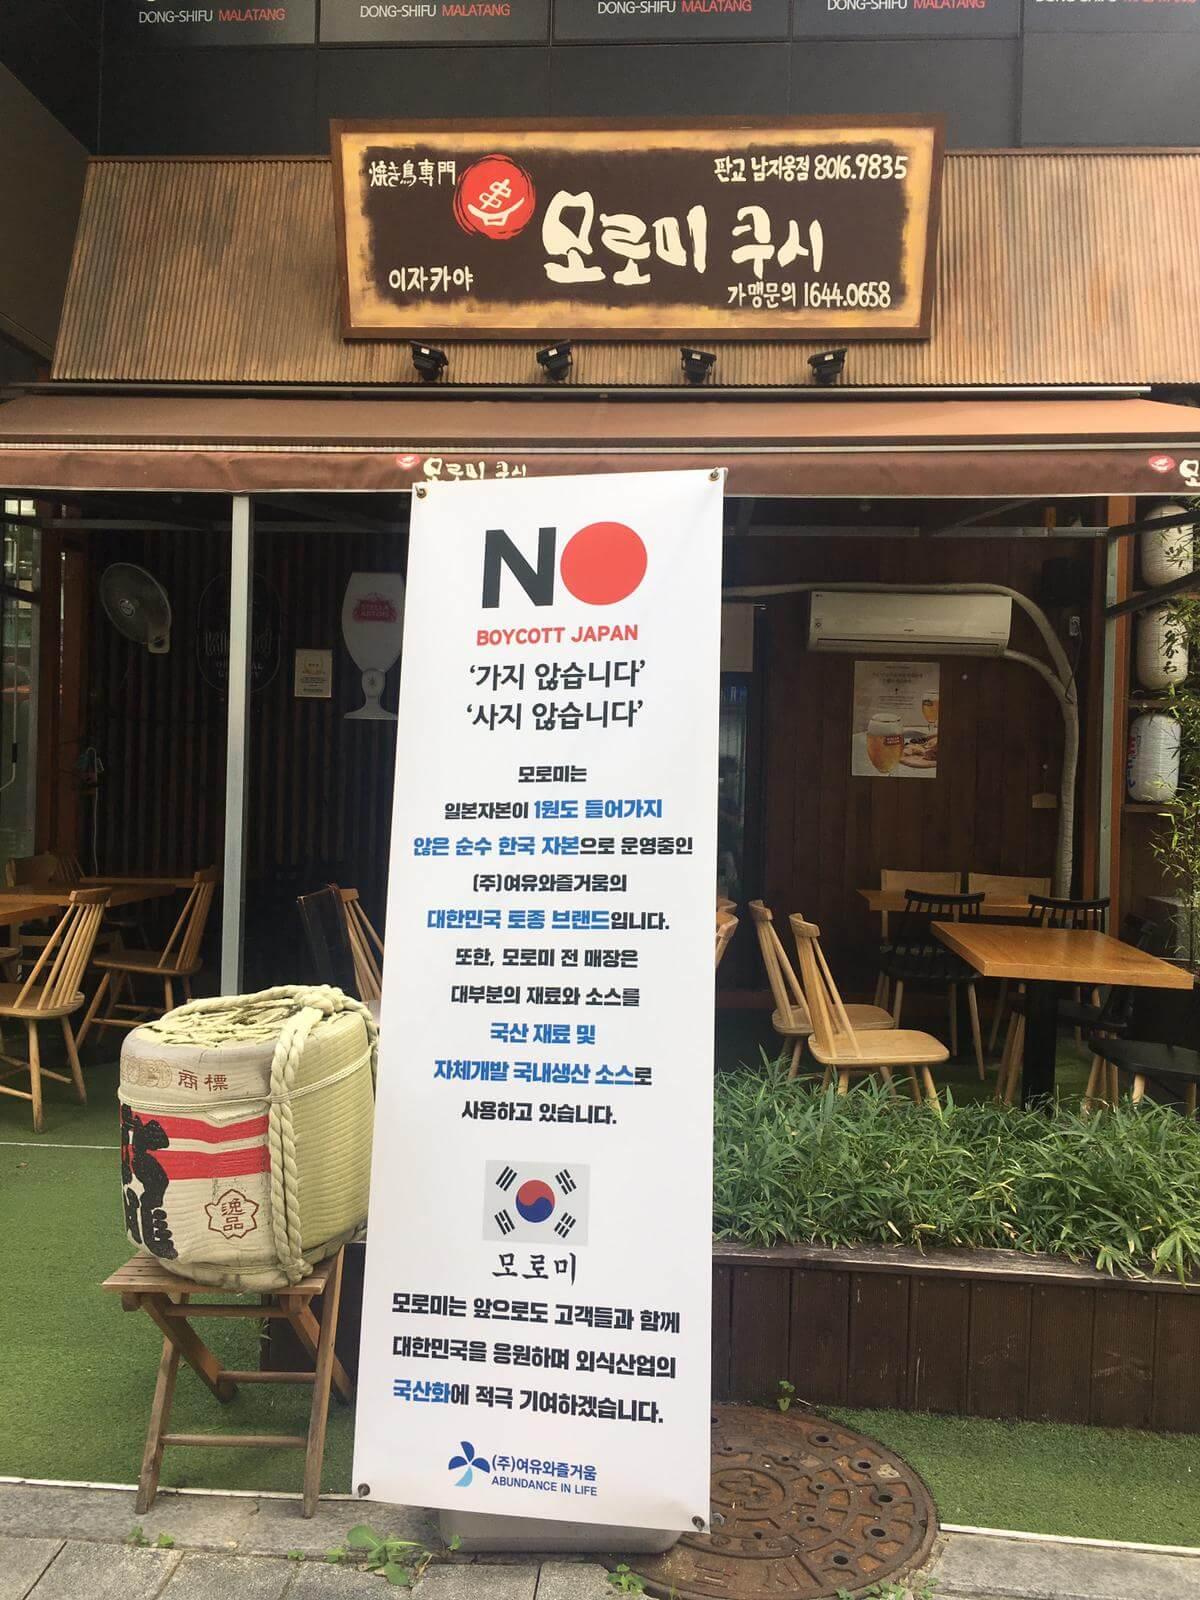 ירחון קוריאה לעסקים אוק' 19': דרום קוריאה מעלה מנחה לטראמפ, שמצייץ בהנאה